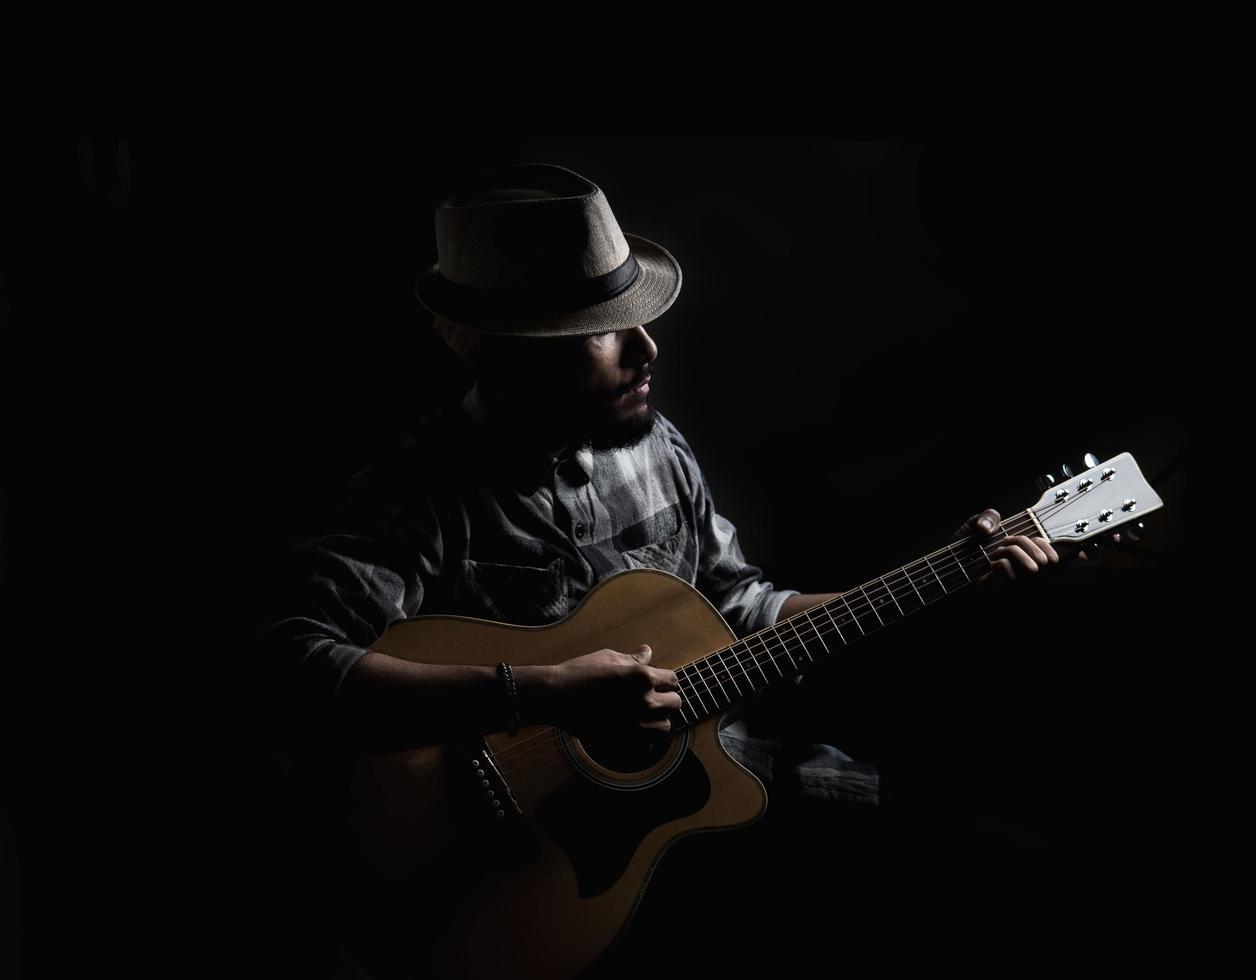 chitarrista giovane hipster su sfondo scuro foto